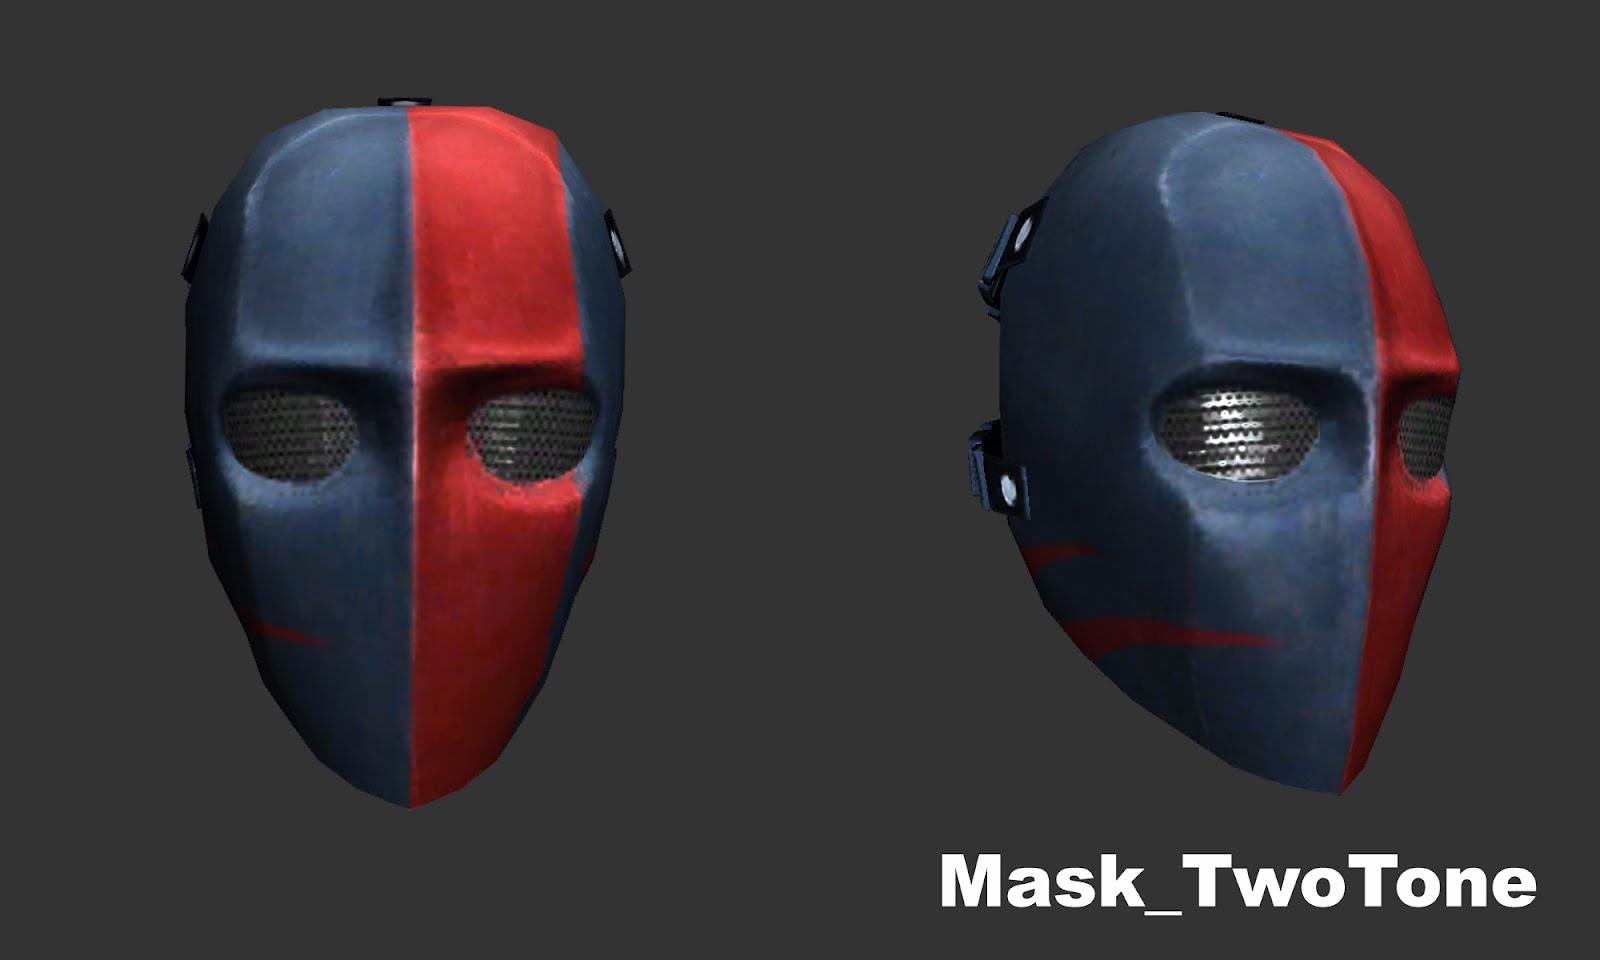 Mask TwoTone mempunyai perpaduan 2 warna yaitu abu-abu dan merah ...